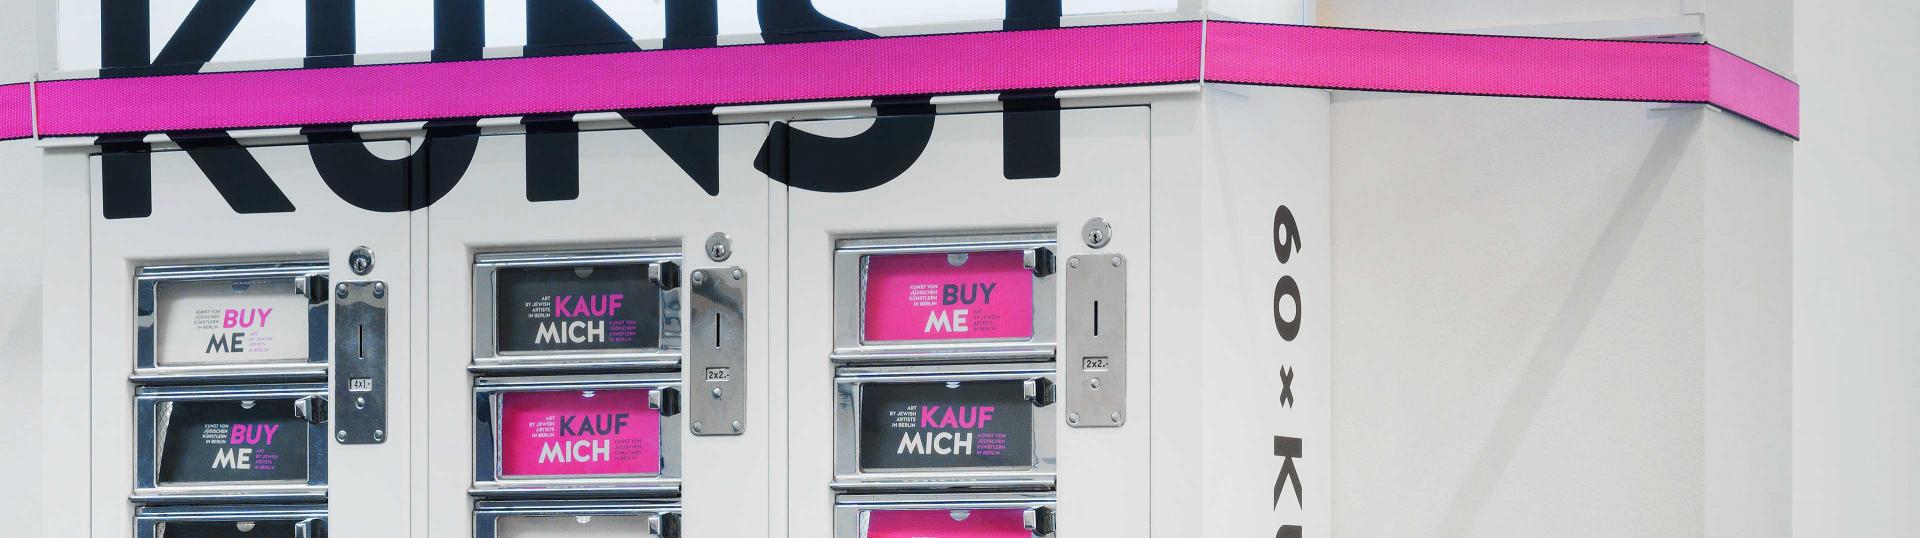 Ausschnitt einer Nahaufnahme des Kunstautomaten des Jüdischen Museums Berlin